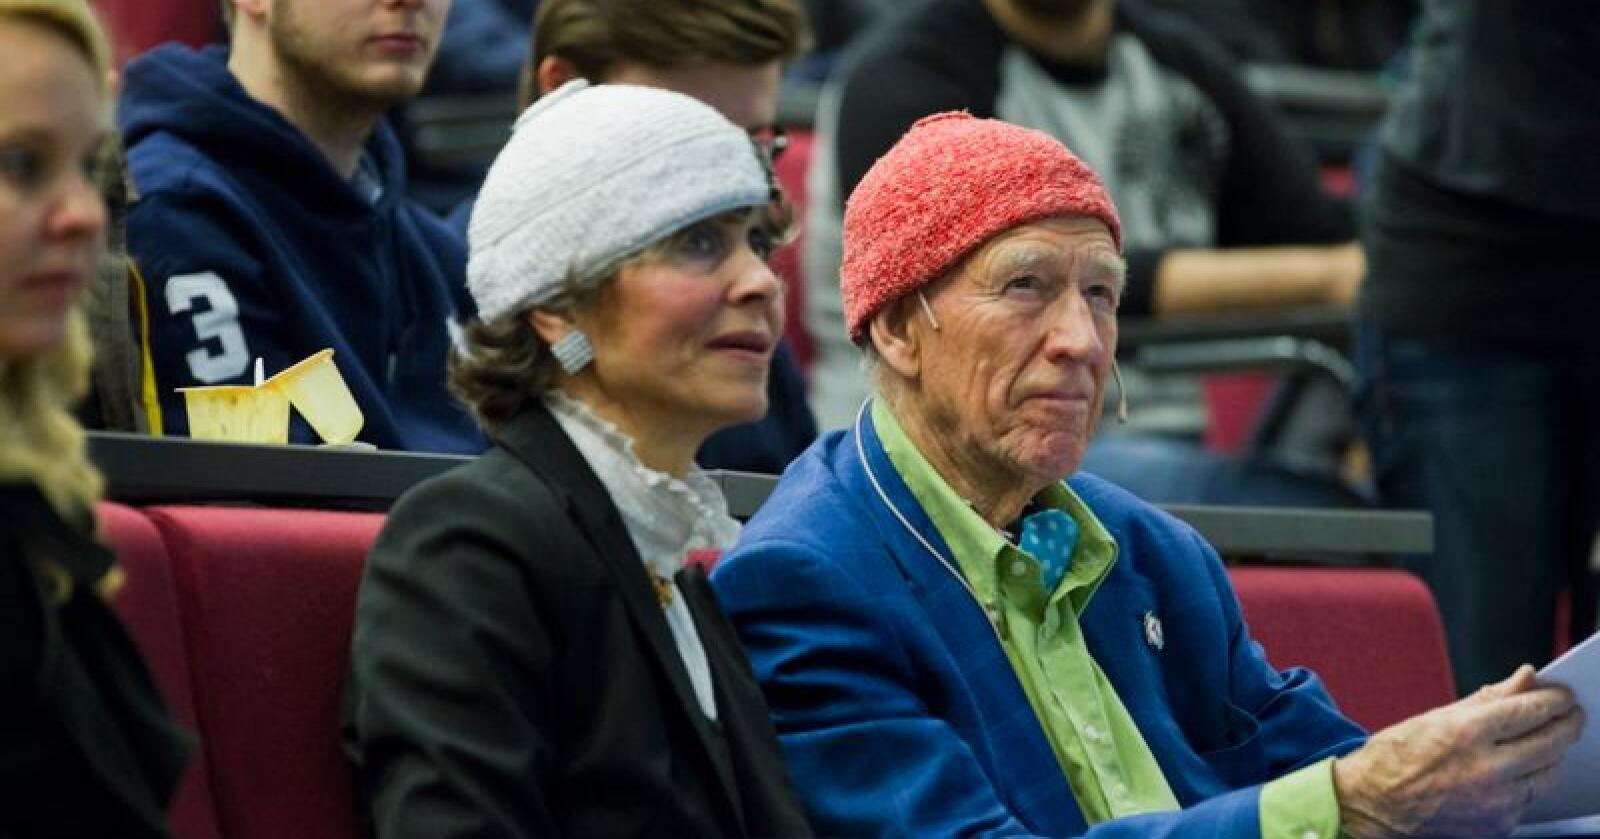 Næringslivsleder Olav Thon skal gifte seg med kjæresten Sissel Berdal Haga i sommer. Foto: Berit Roald / NTB scanpix